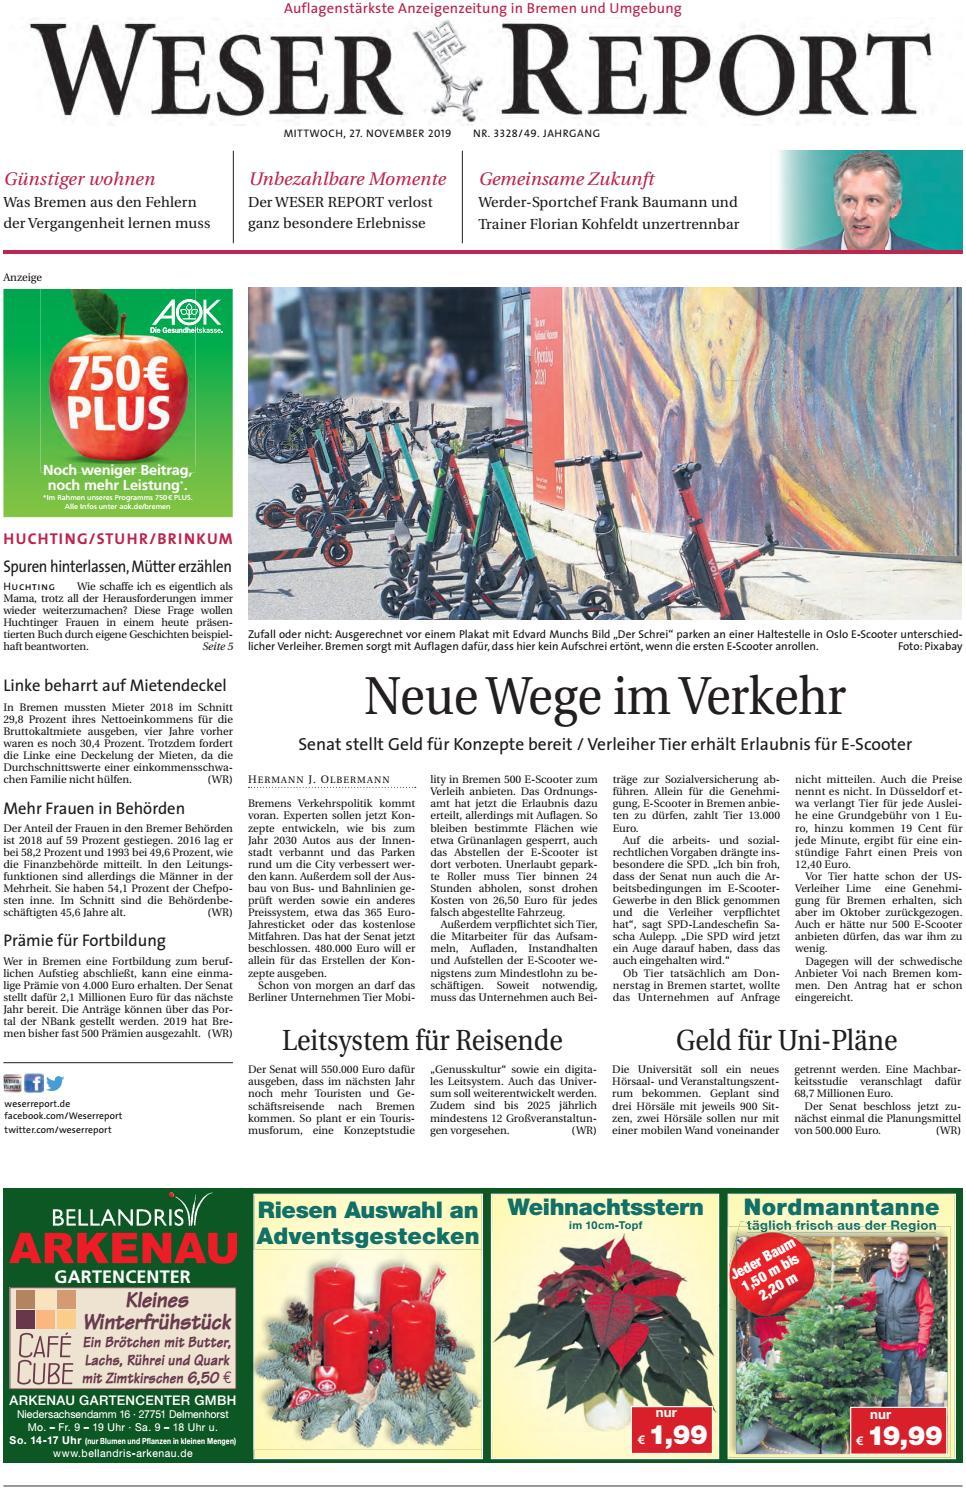 Weser Report Huchting Stuhr Brinkum vom 27.11.2019 by KPS